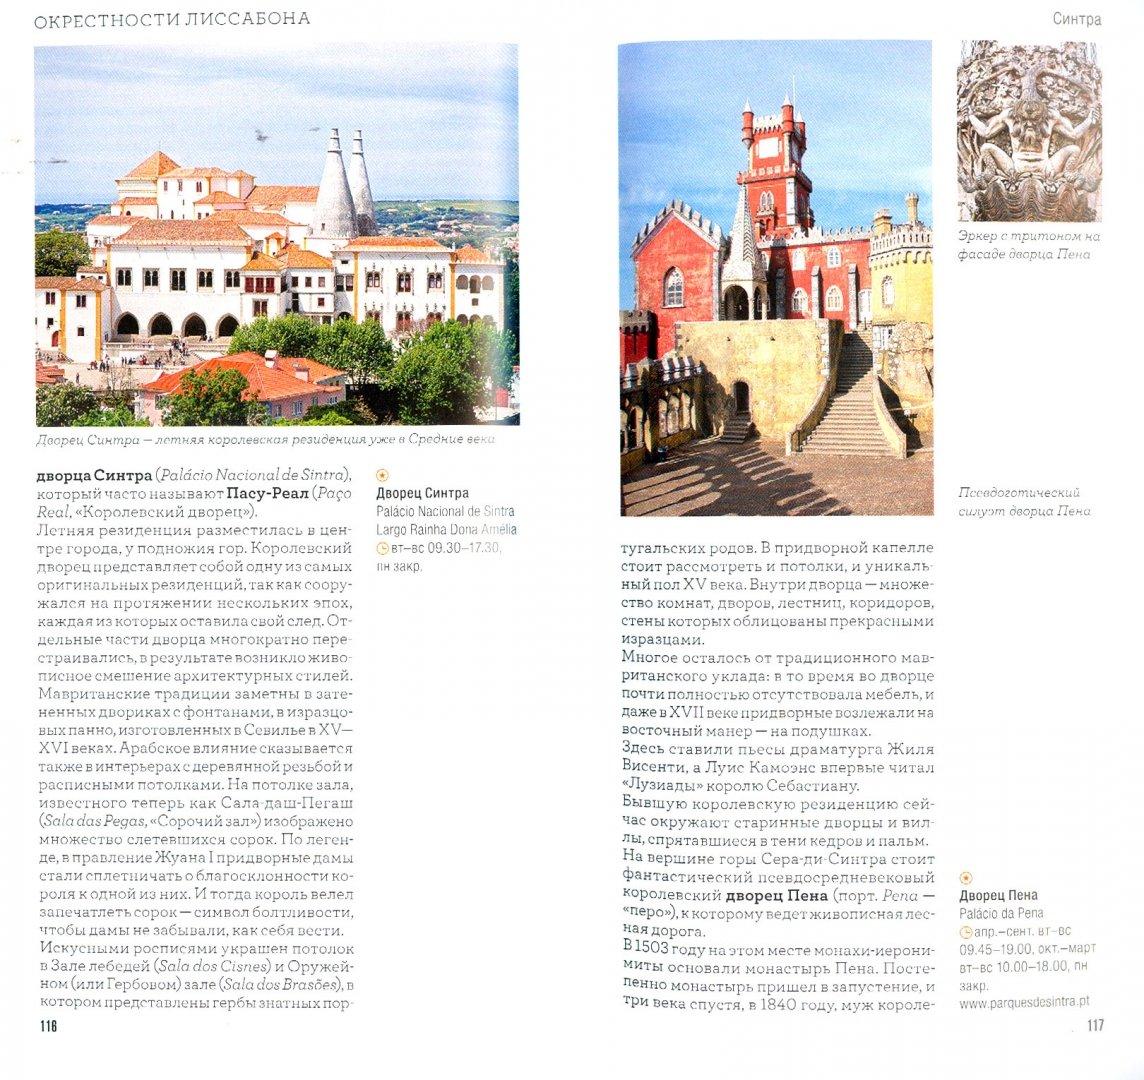 Иллюстрация 1 из 6 для Португалия - Ларионов, Левицкая   Лабиринт - книги. Источник: Лабиринт